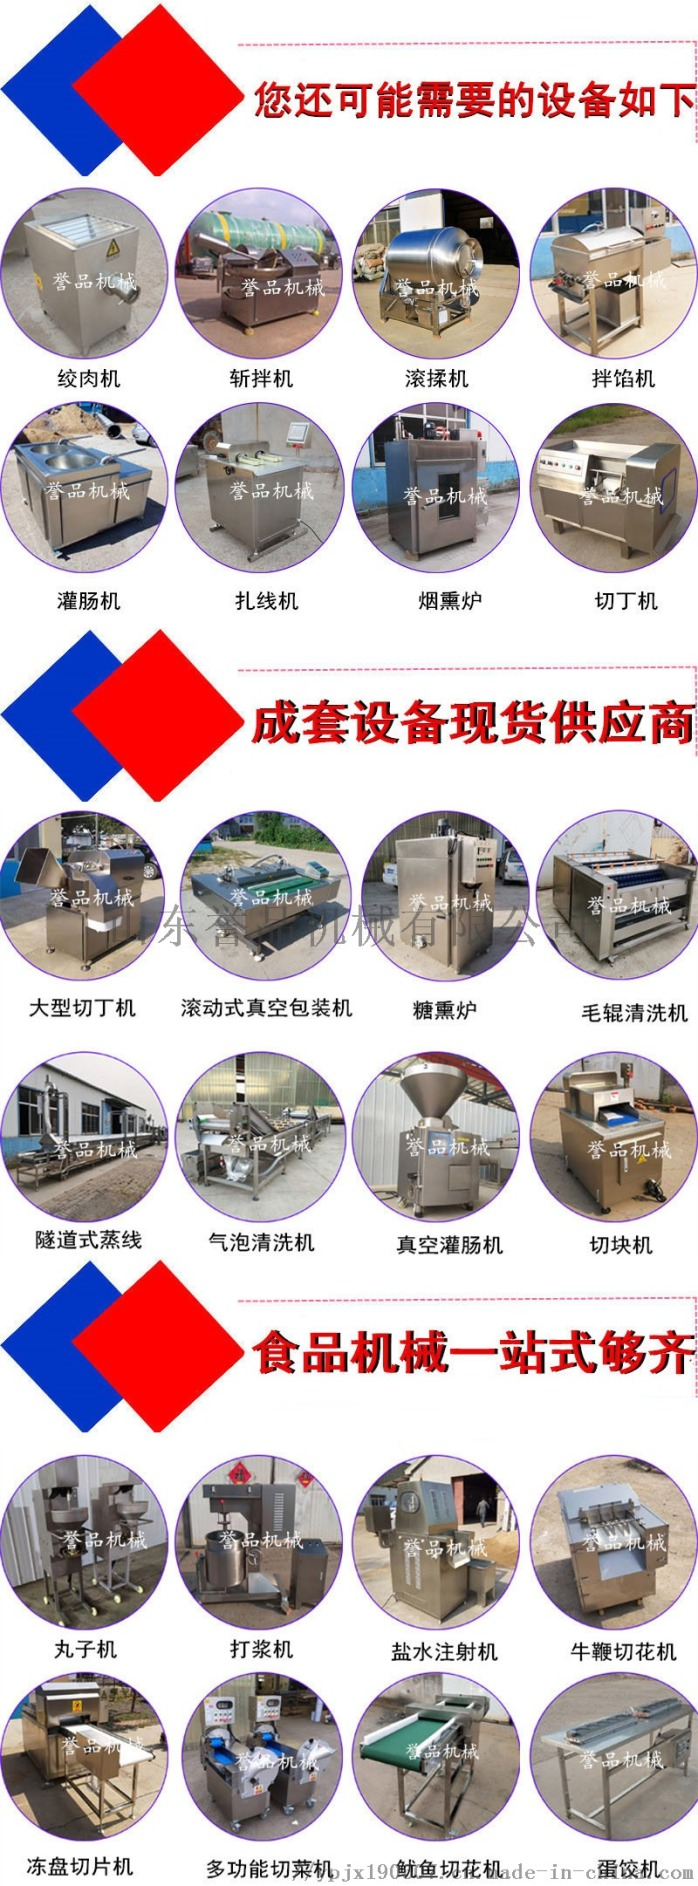 火锅店速冻蛋饺加工设备厂家现货煎蛋饺机122267832